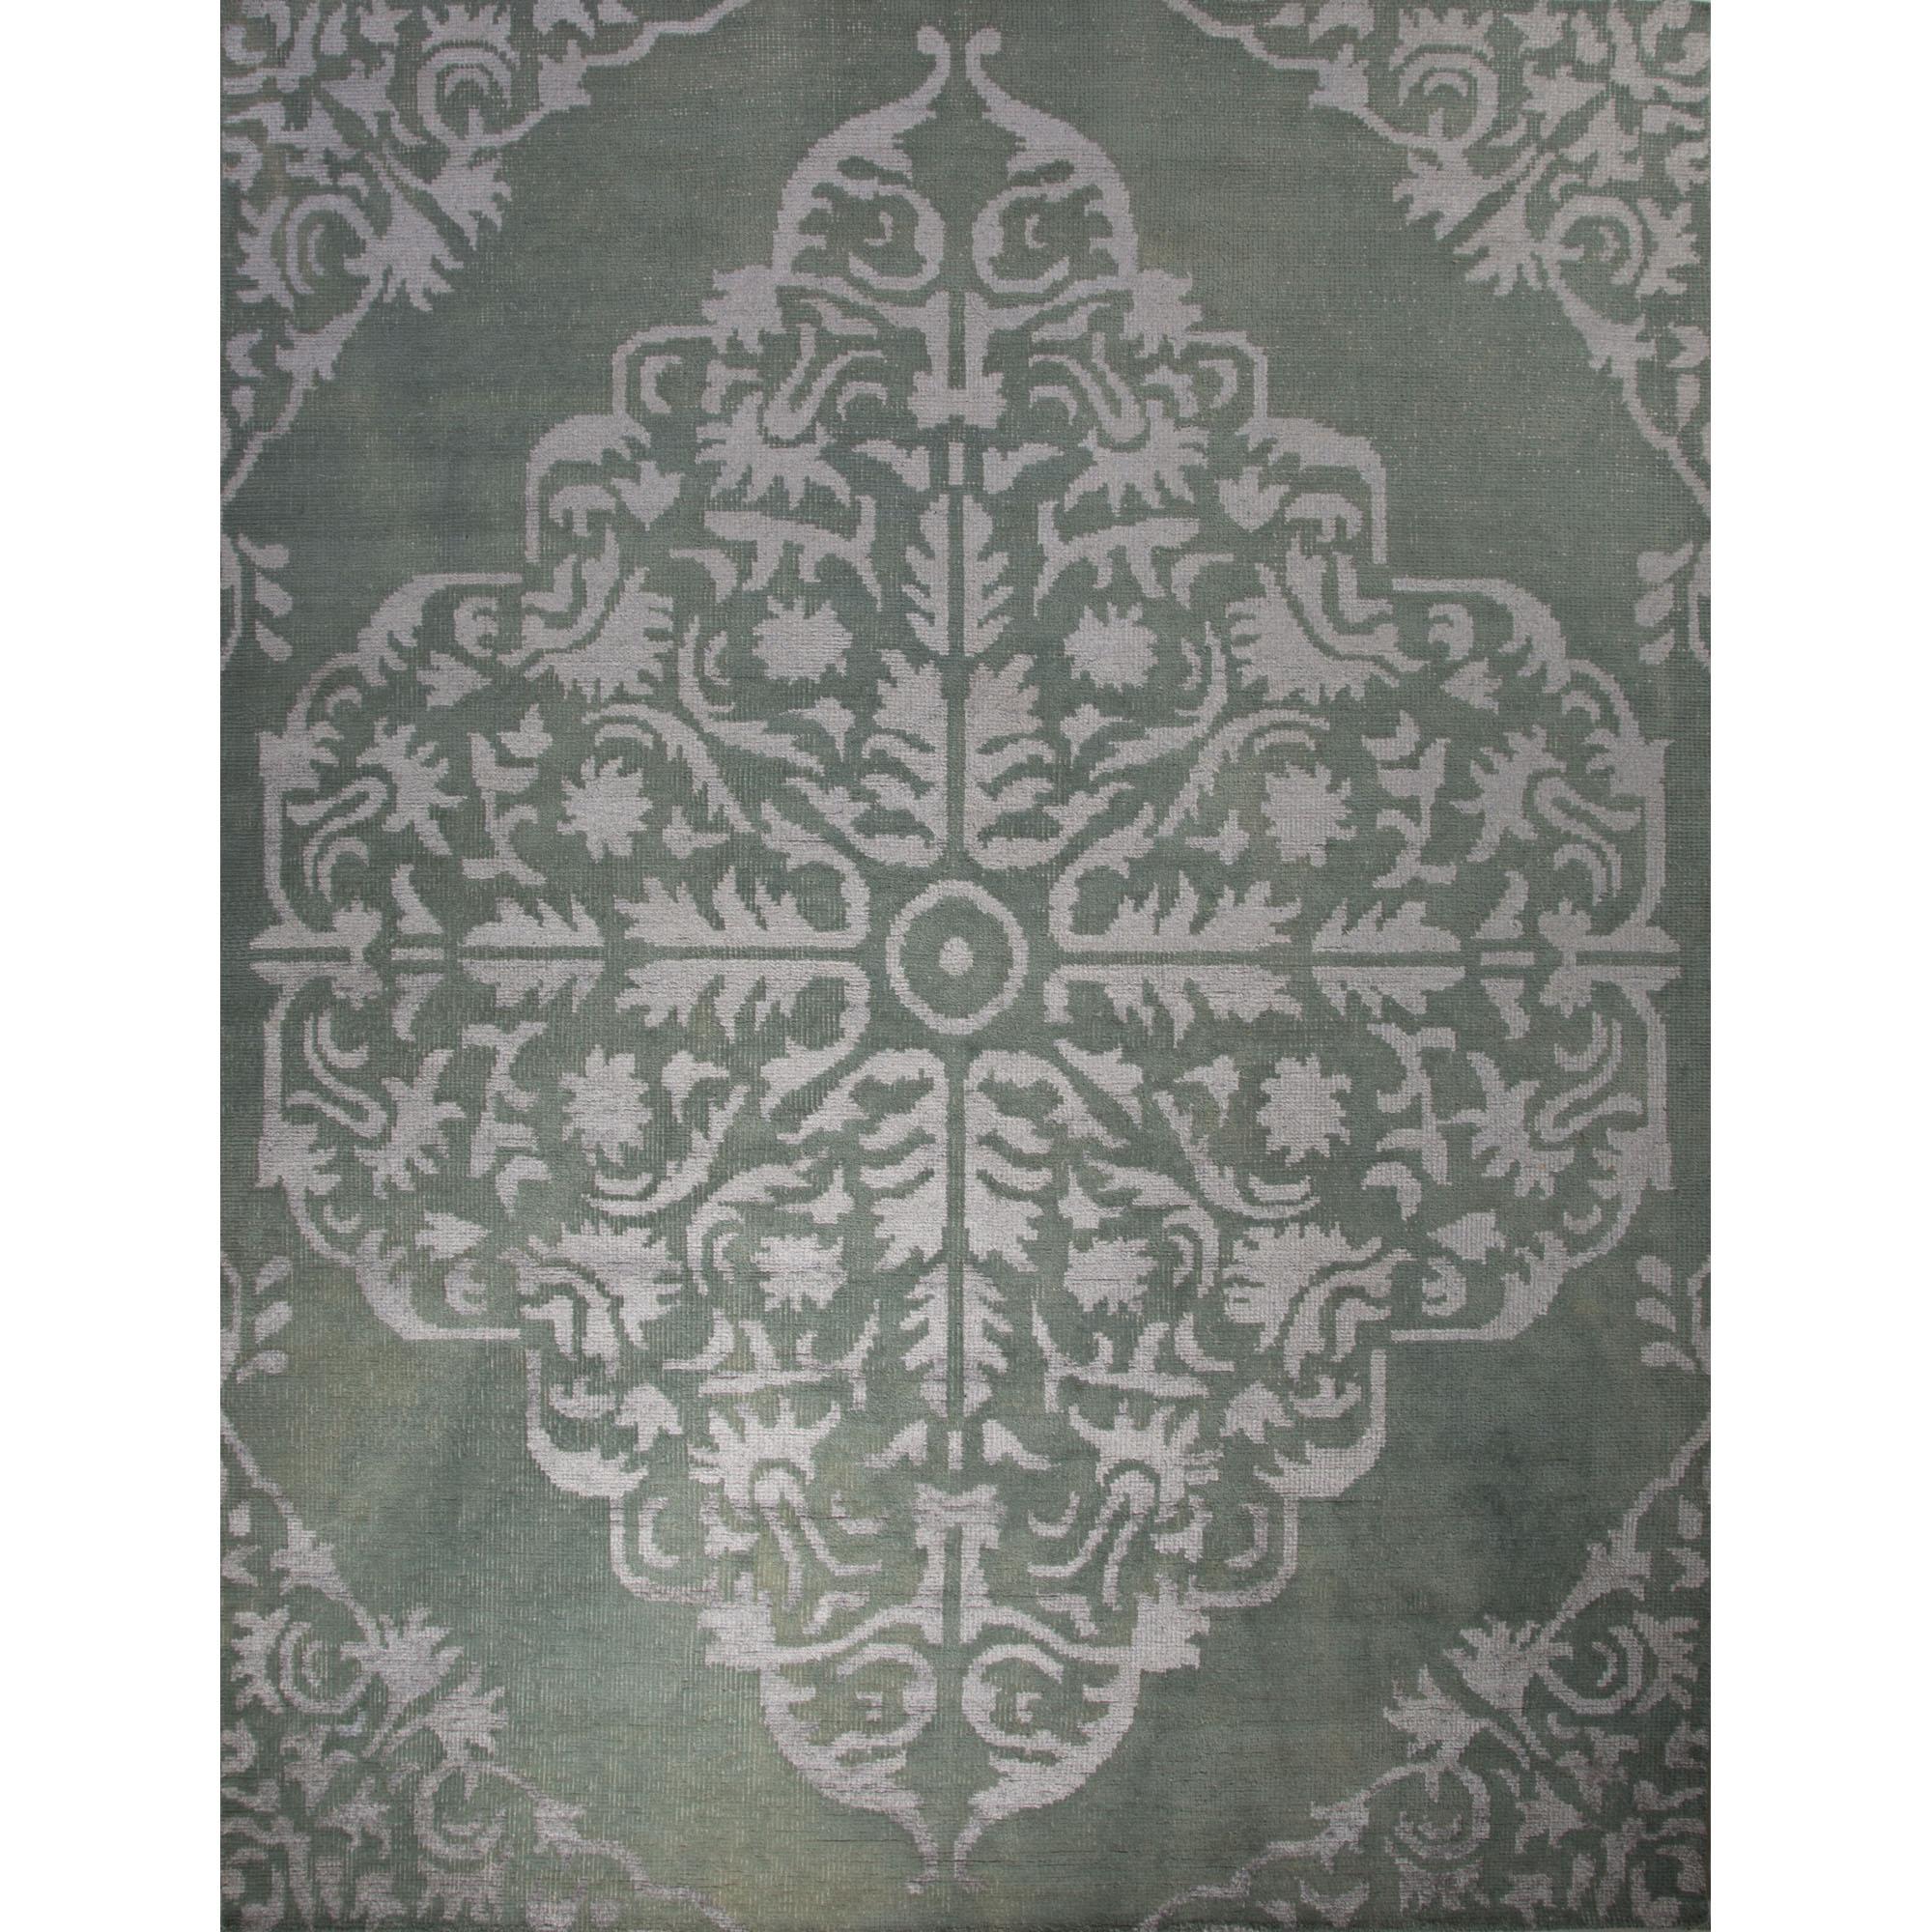 JAIPUR Rugs Heritage 5 x 8 Rug - Item Number: RUG102029